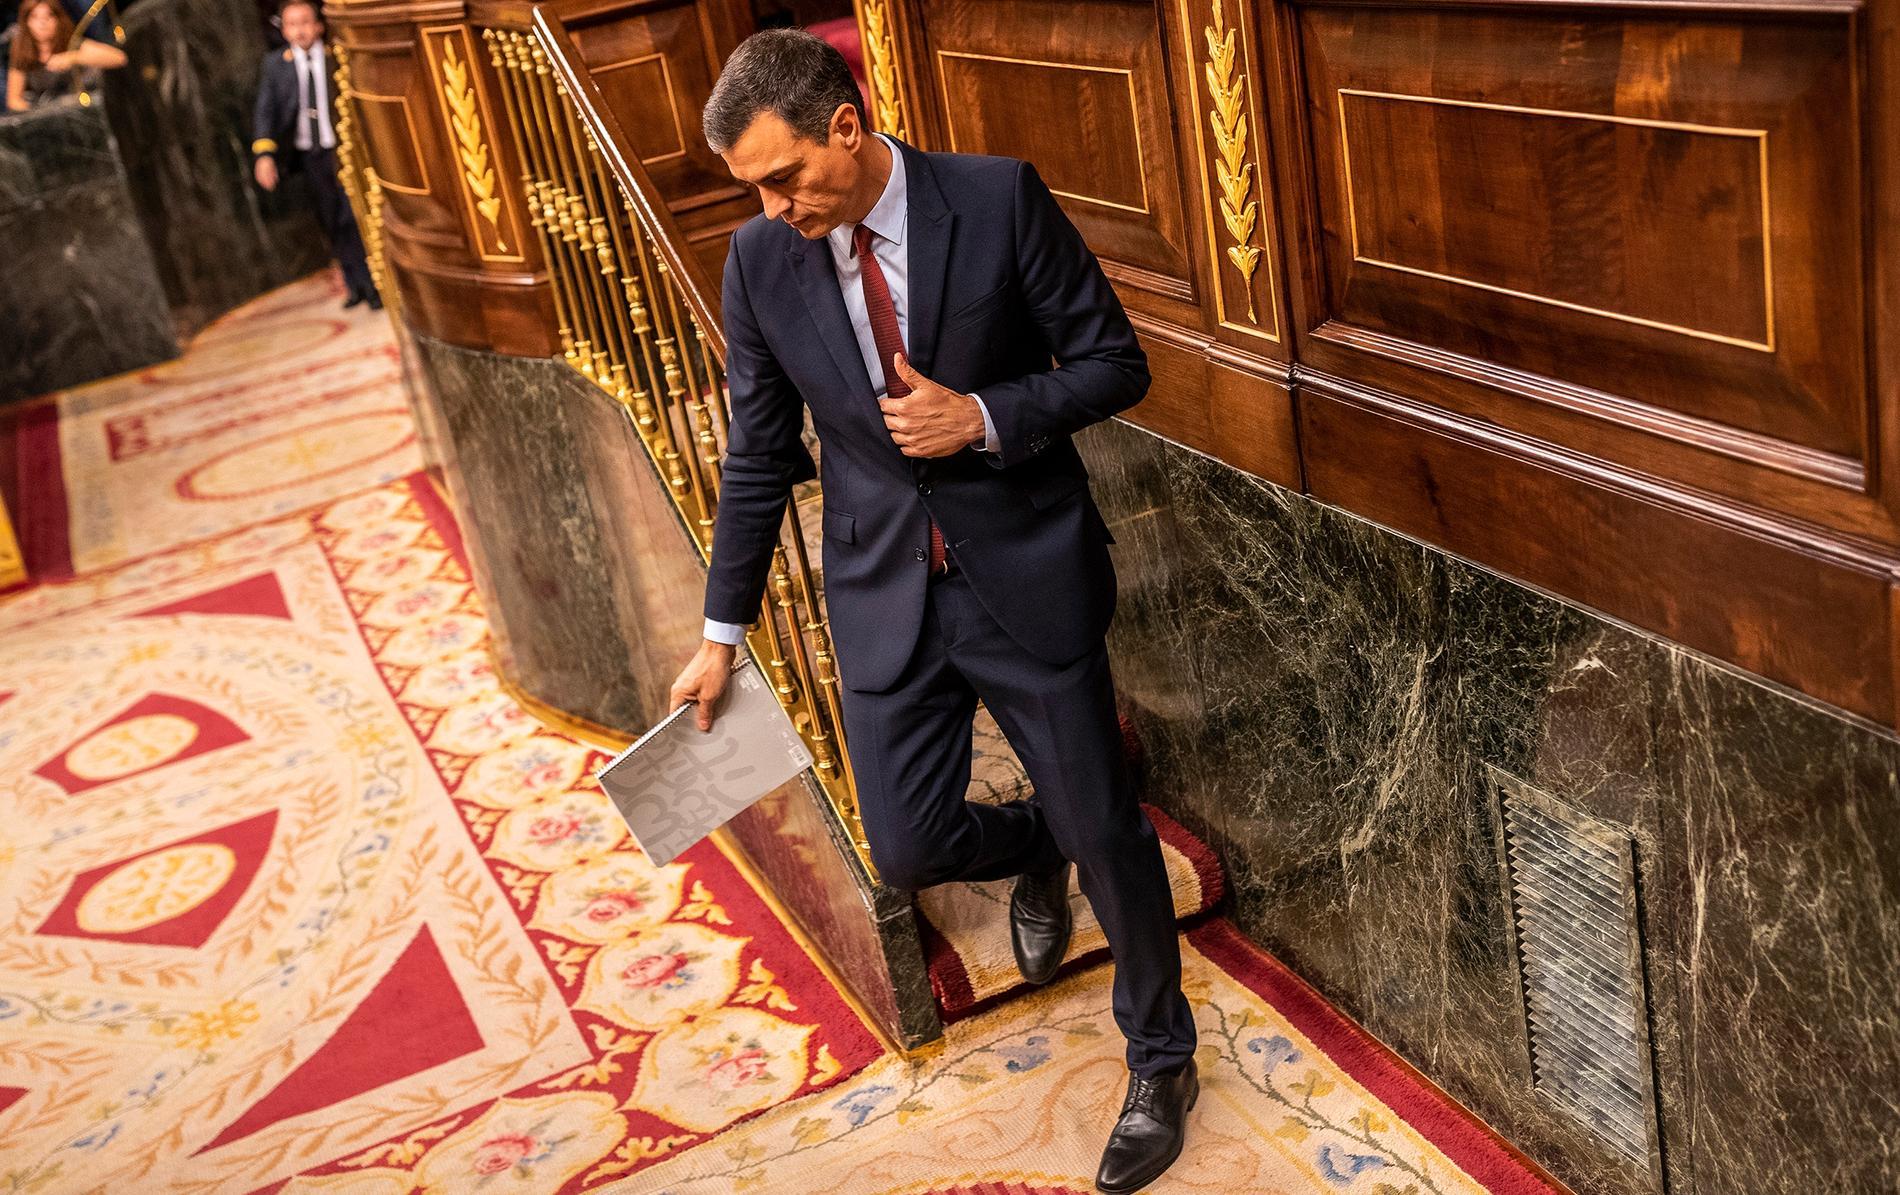 Pedro Sánchez, premiärminister och generalsekreterare för socialdemokratiska PSOE.